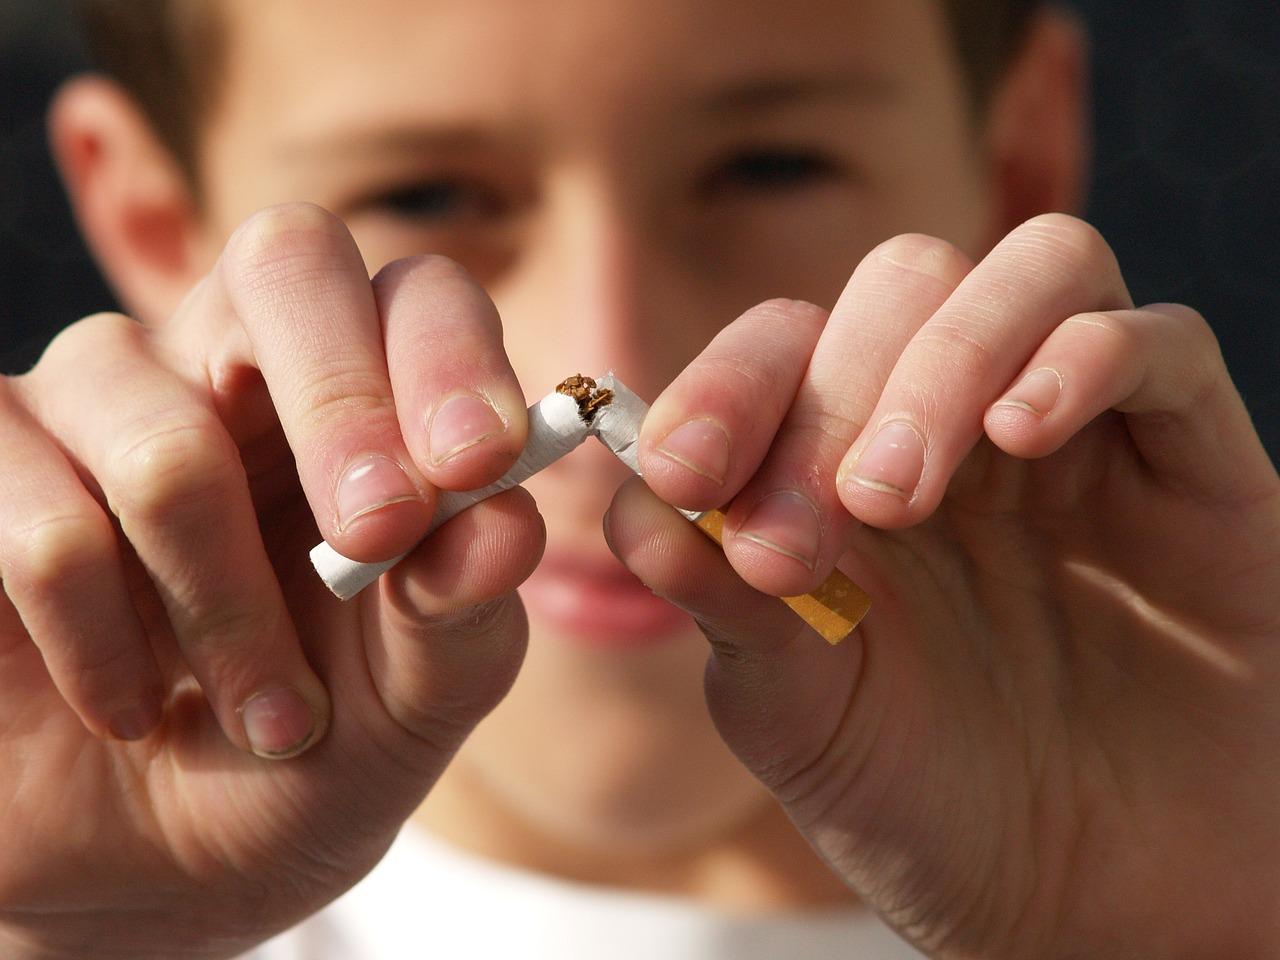 В якому віці діти починають палити цигарки